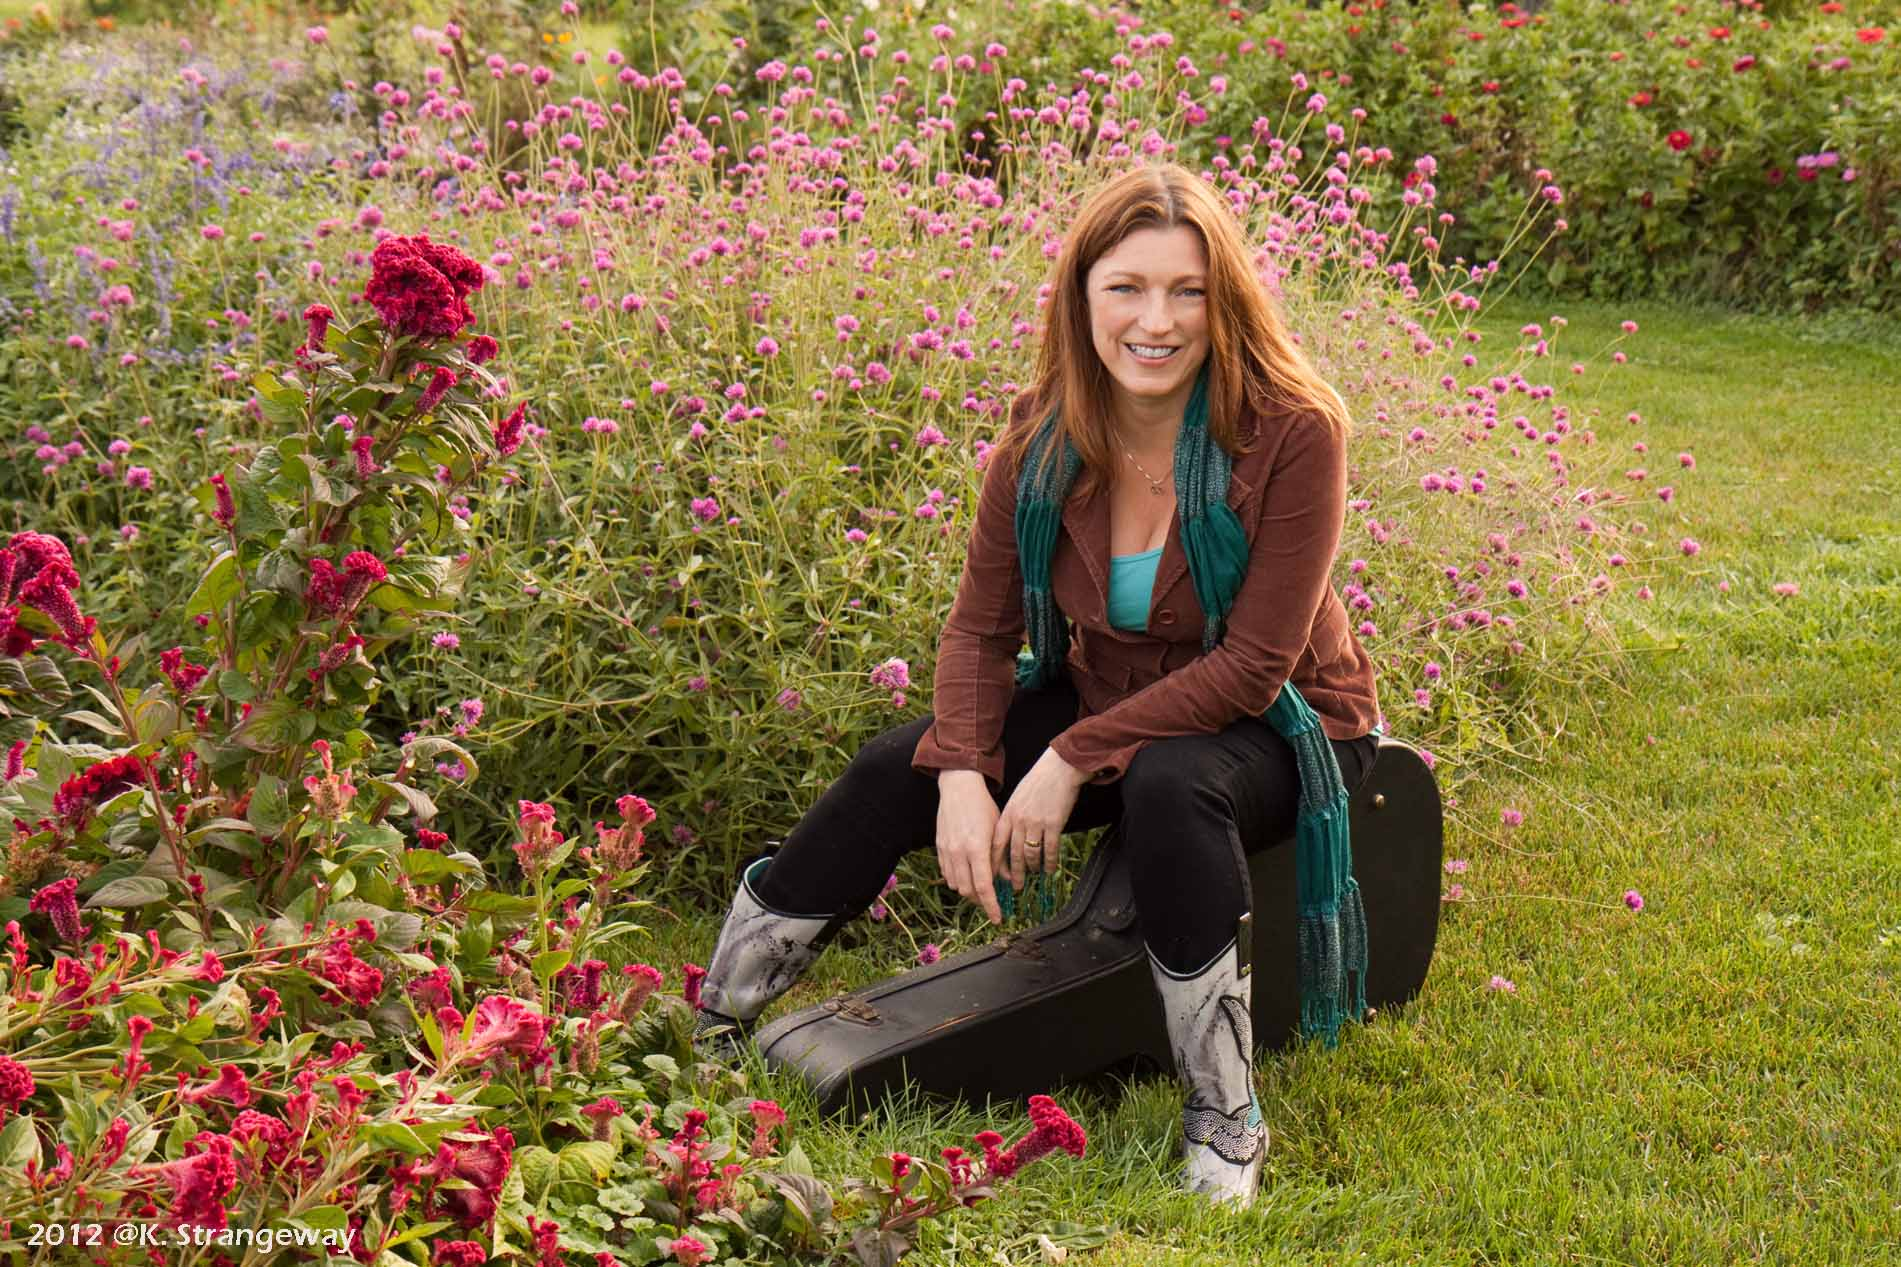 Best Fashion Fun Wellie Style Garden Rain Boots Shawna Coronado